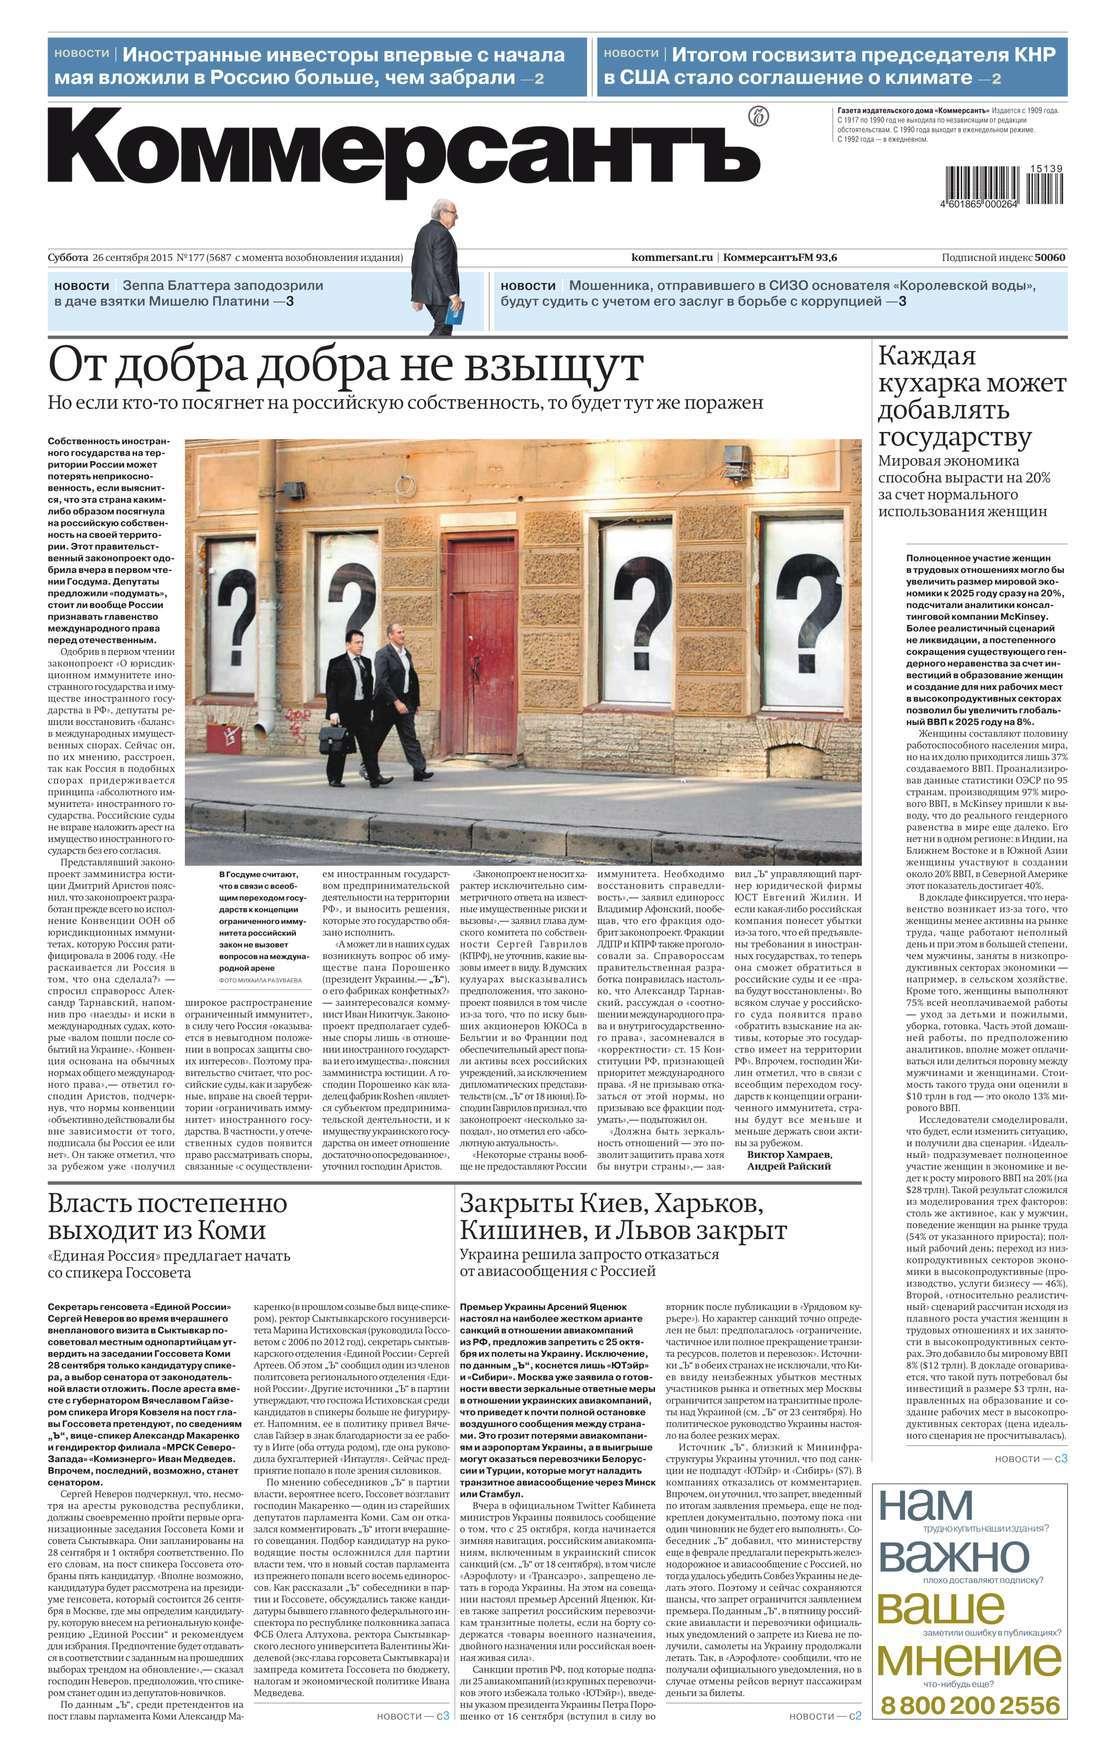 бесплатно КоммерсантЪ 177-2015 Скачать Редакция газеты КоммерсантЪ